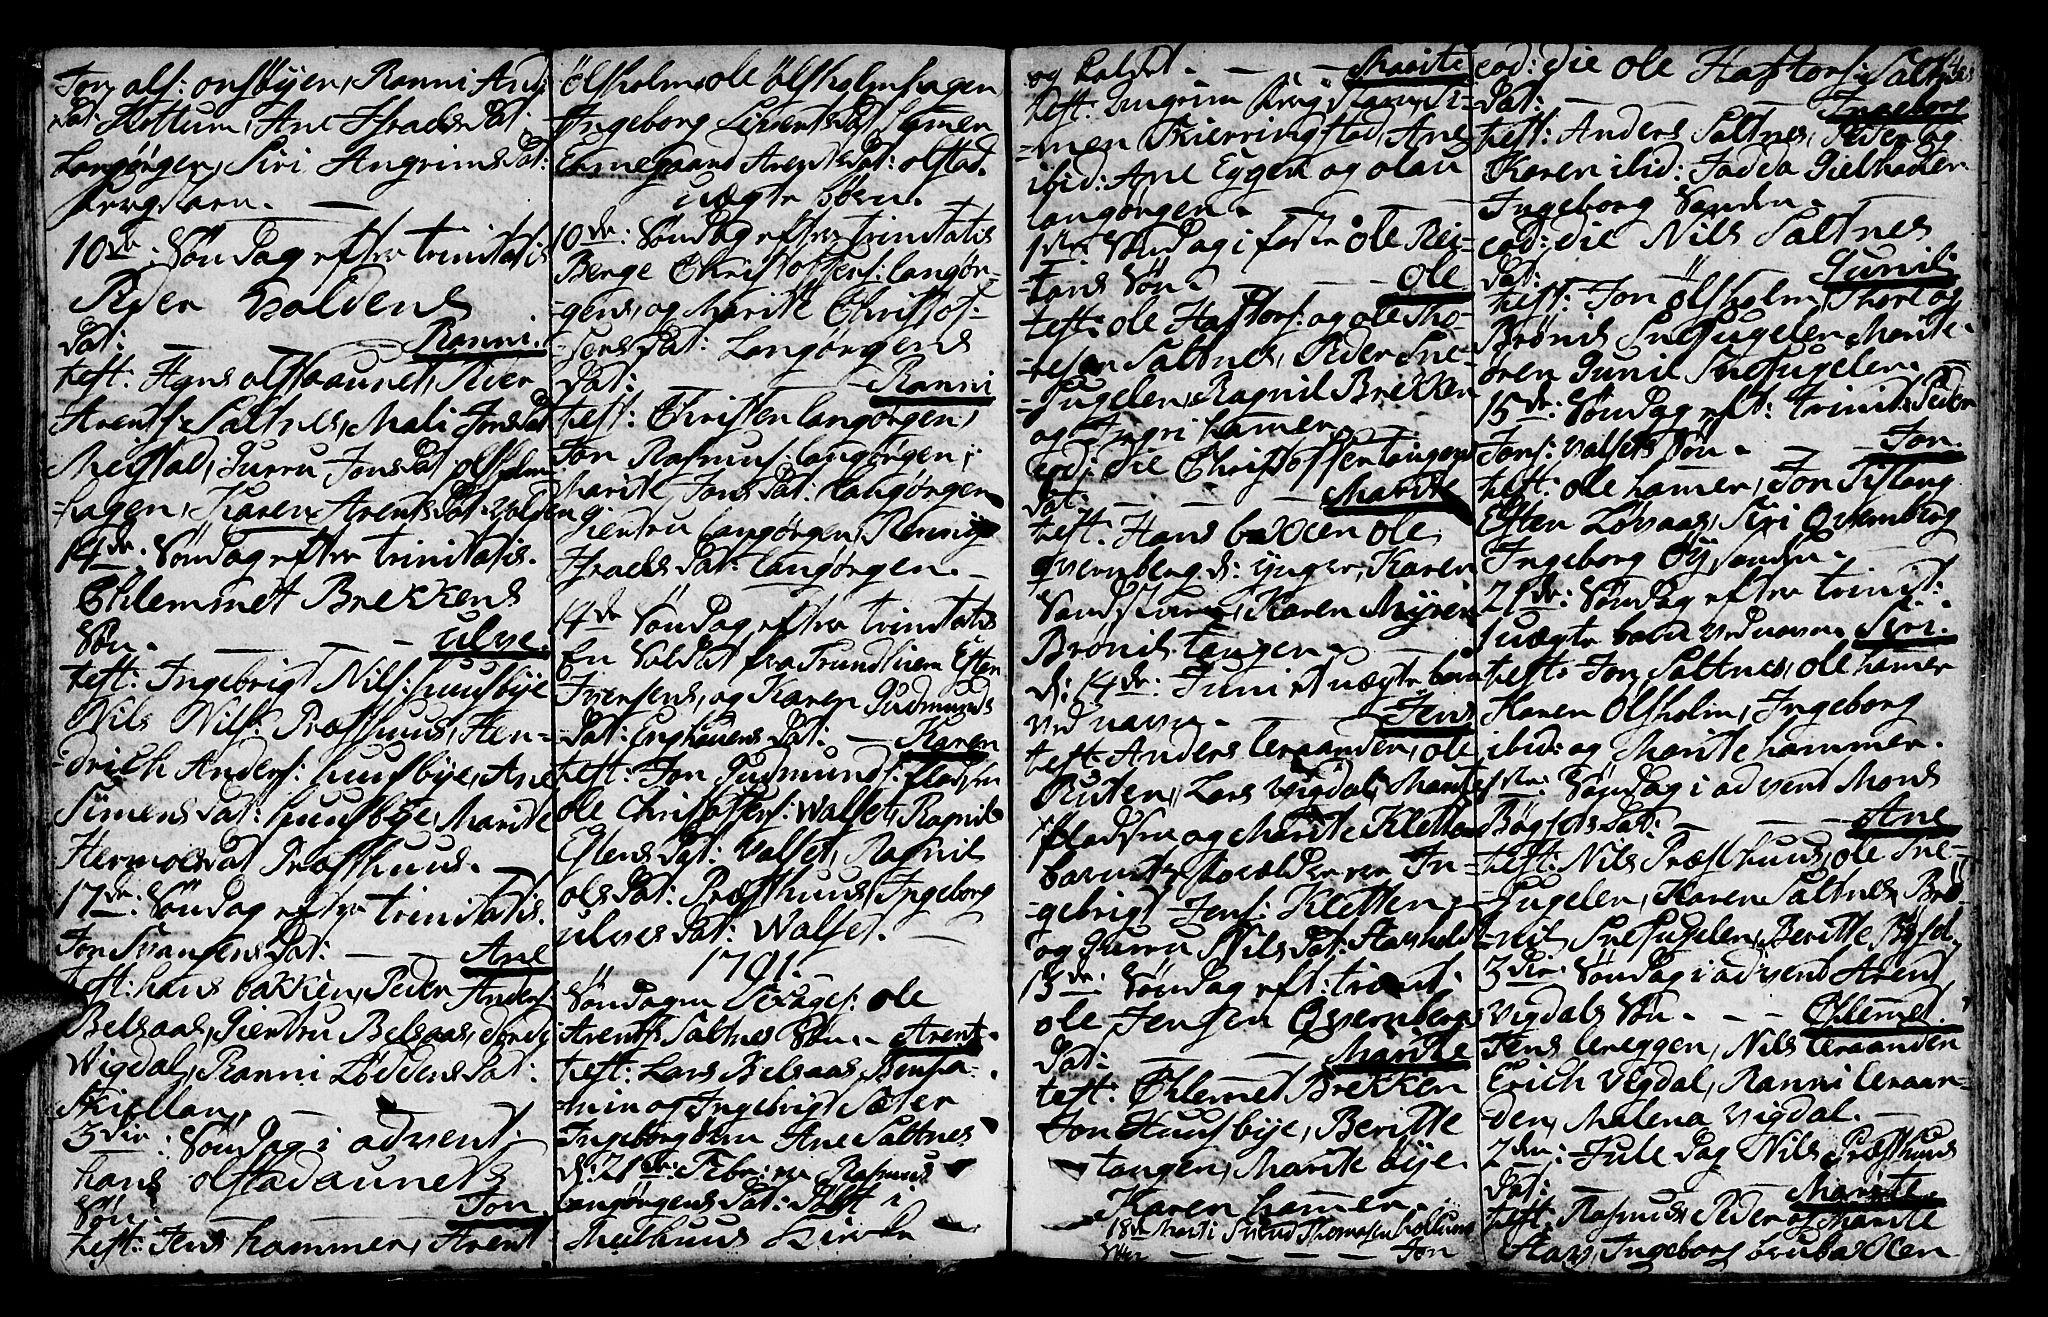 SAT, Ministerialprotokoller, klokkerbøker og fødselsregistre - Sør-Trøndelag, 666/L0784: Ministerialbok nr. 666A02, 1754-1802, s. 84